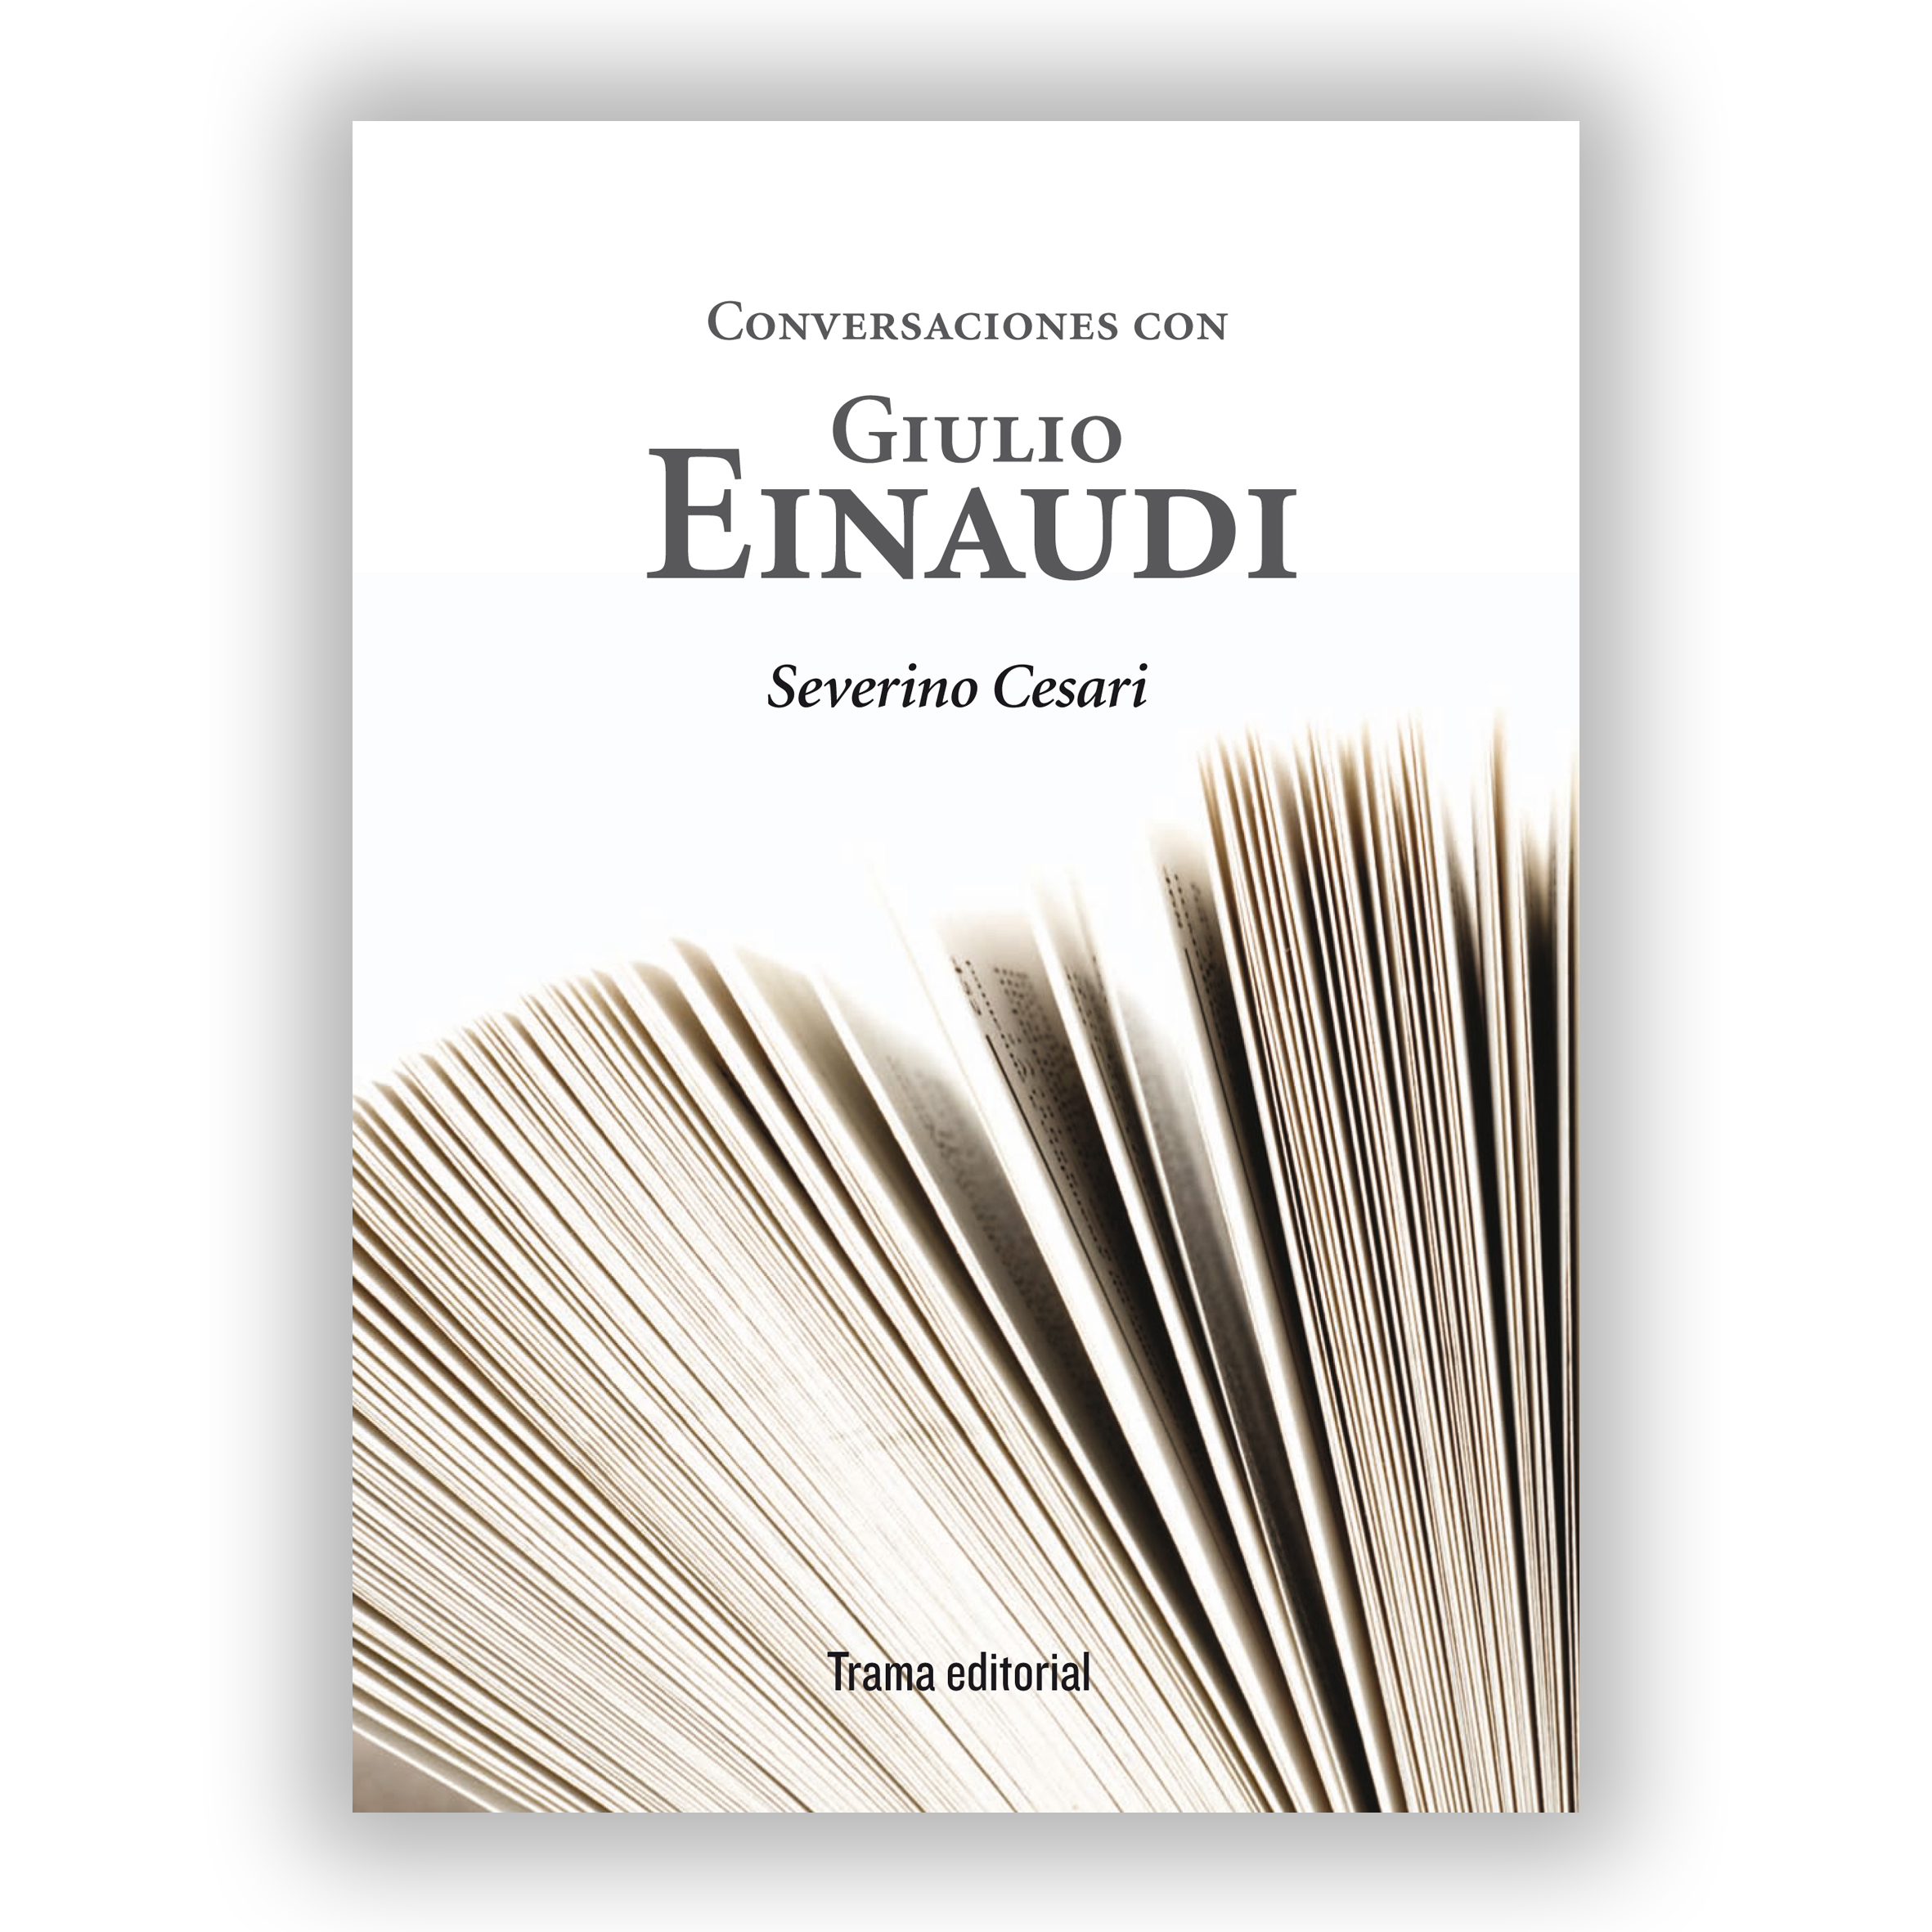 Reseña de Conversaciones con Giulio Einaudi en Libros, instrucciones de uso